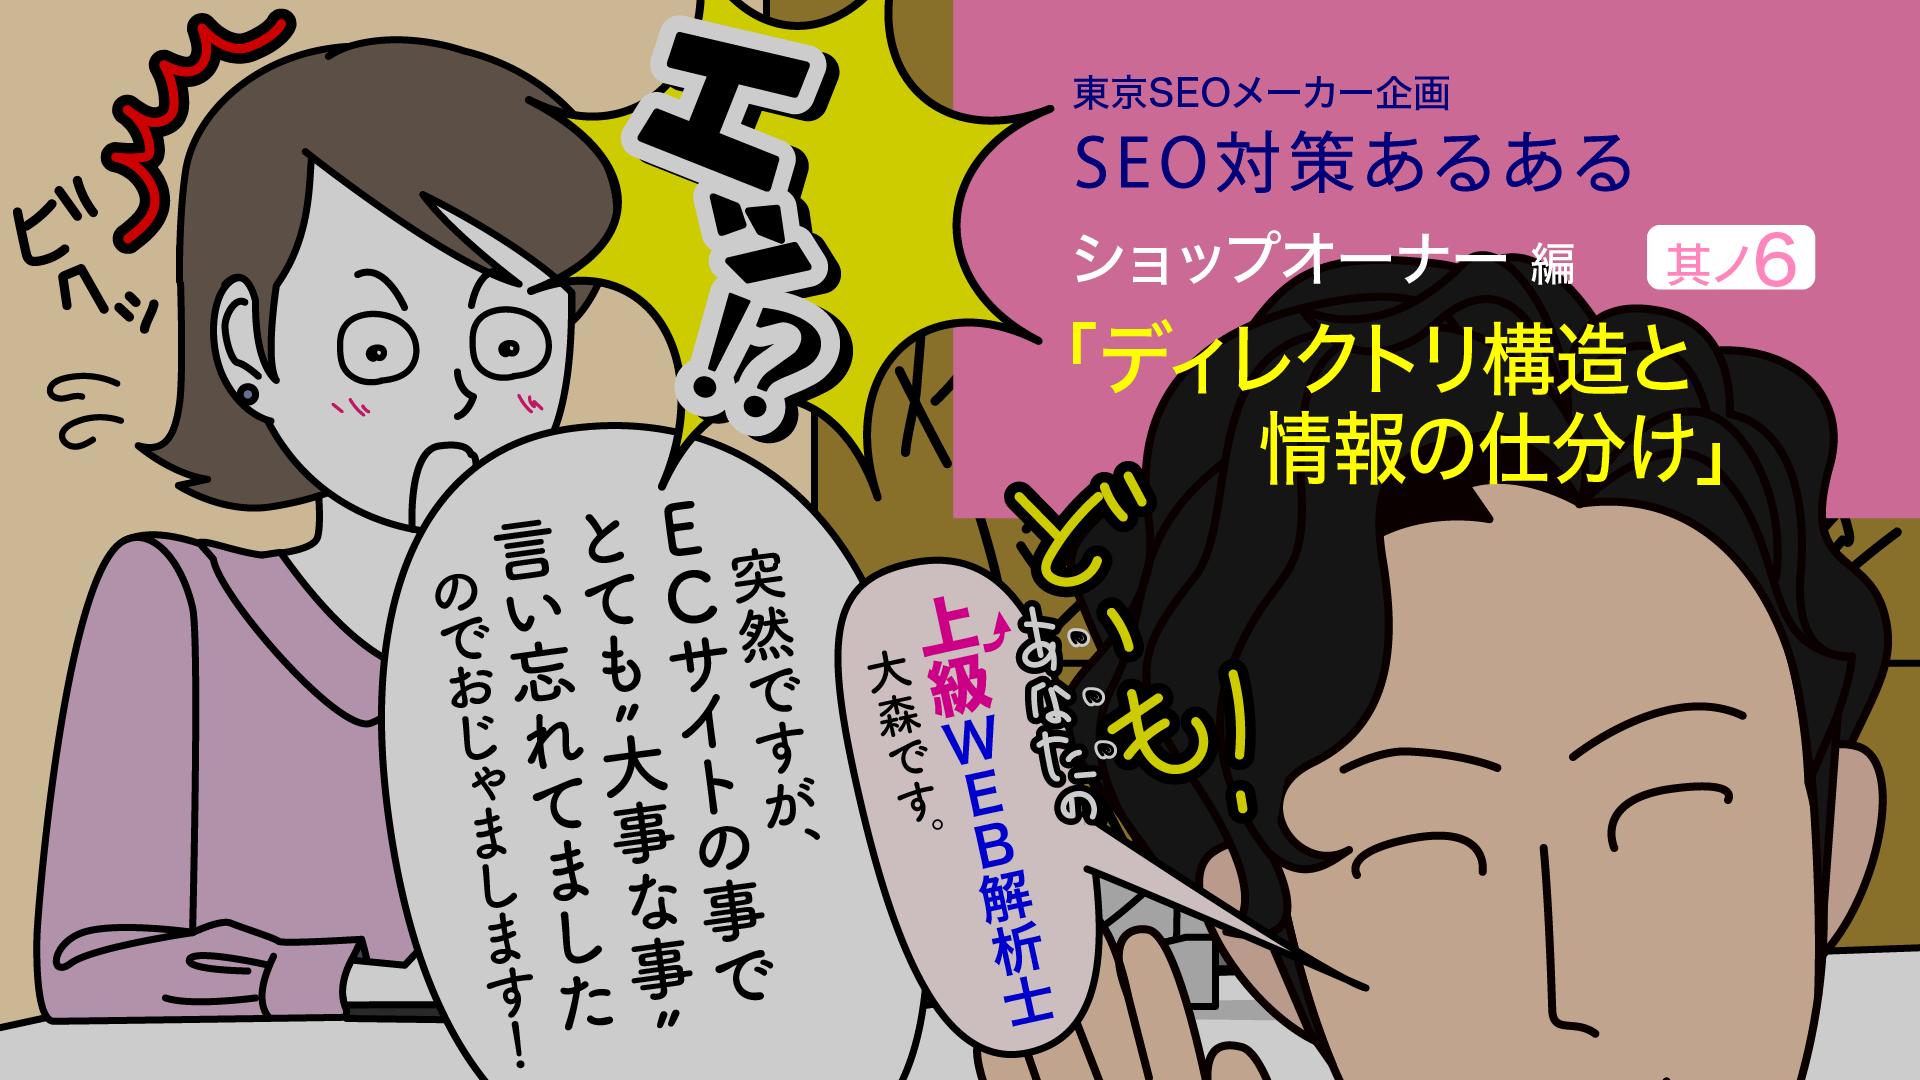 漫画‐SEOディレクトリ構造と情報の仕分け①